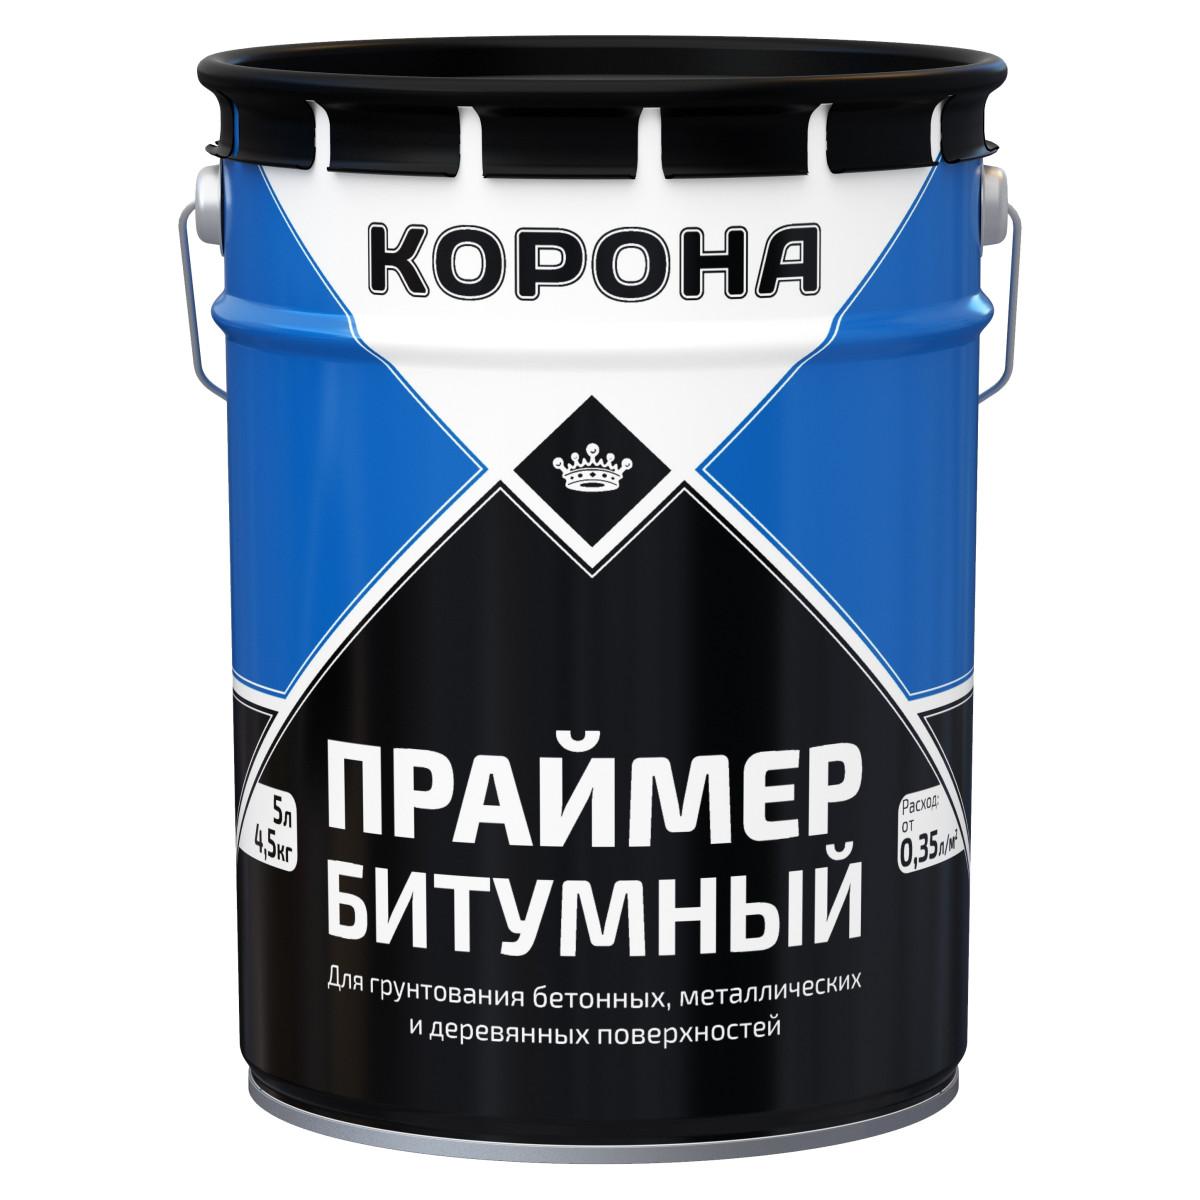 Праймер битумный Корона 4.5 кг 5 л